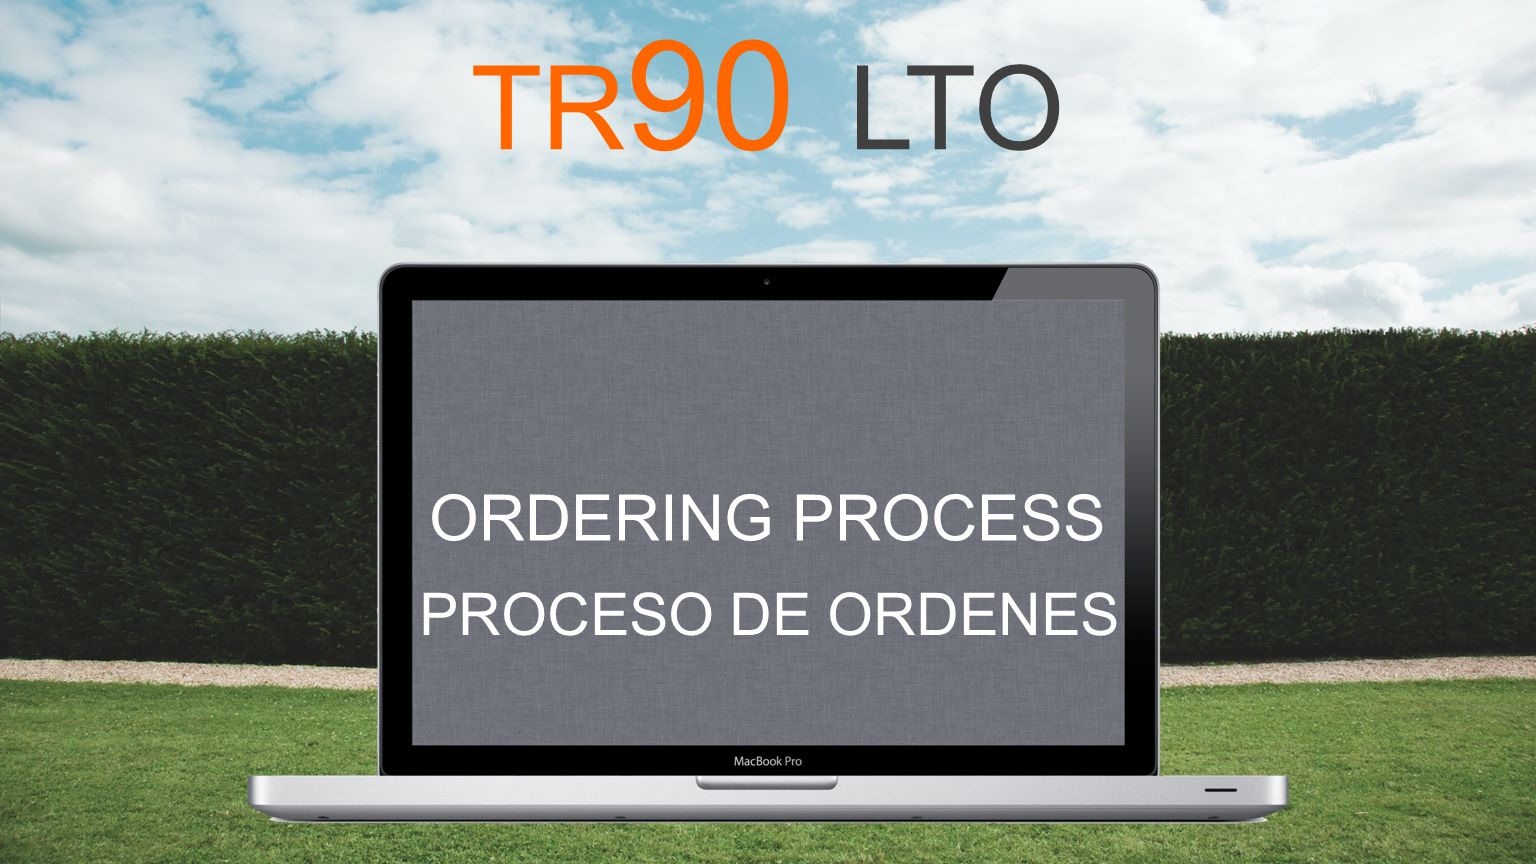 ORDERING PROCESS PROCESO DE ÓRDENES ORDEN COLOCADA